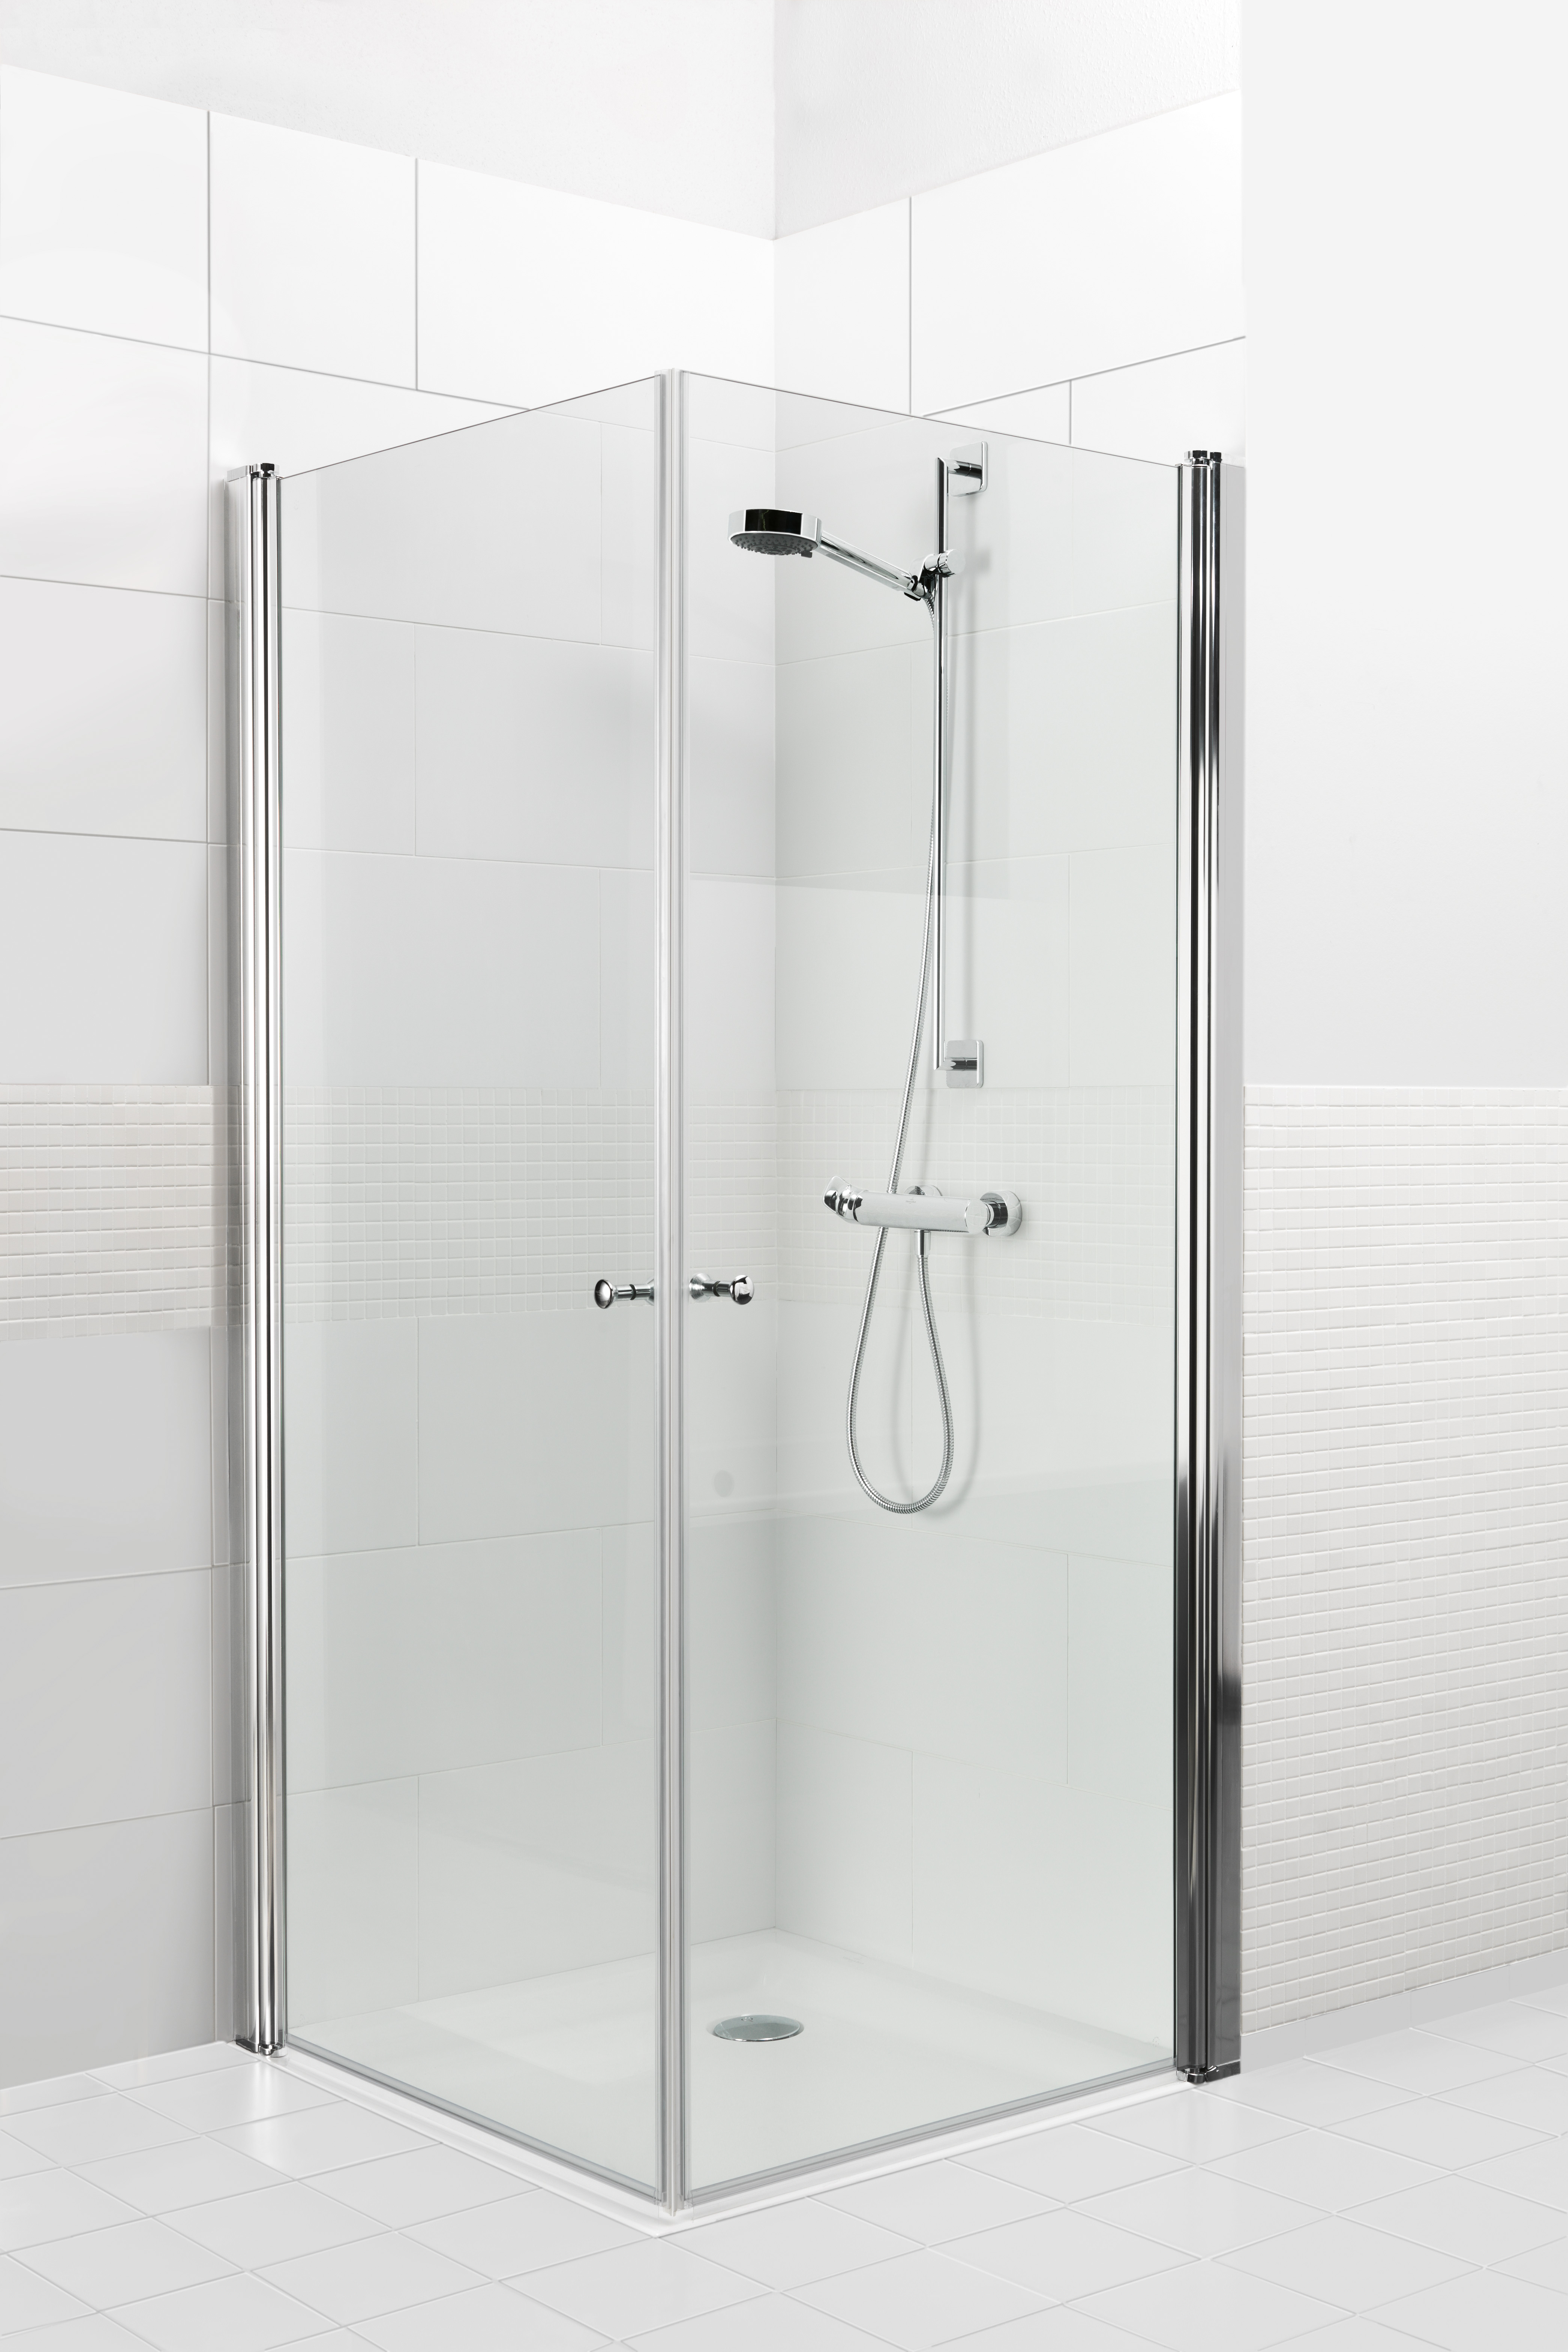 O.novo Piatto doccia, Piatti doccia (Acrilic, Quaryl), Piatti doccia